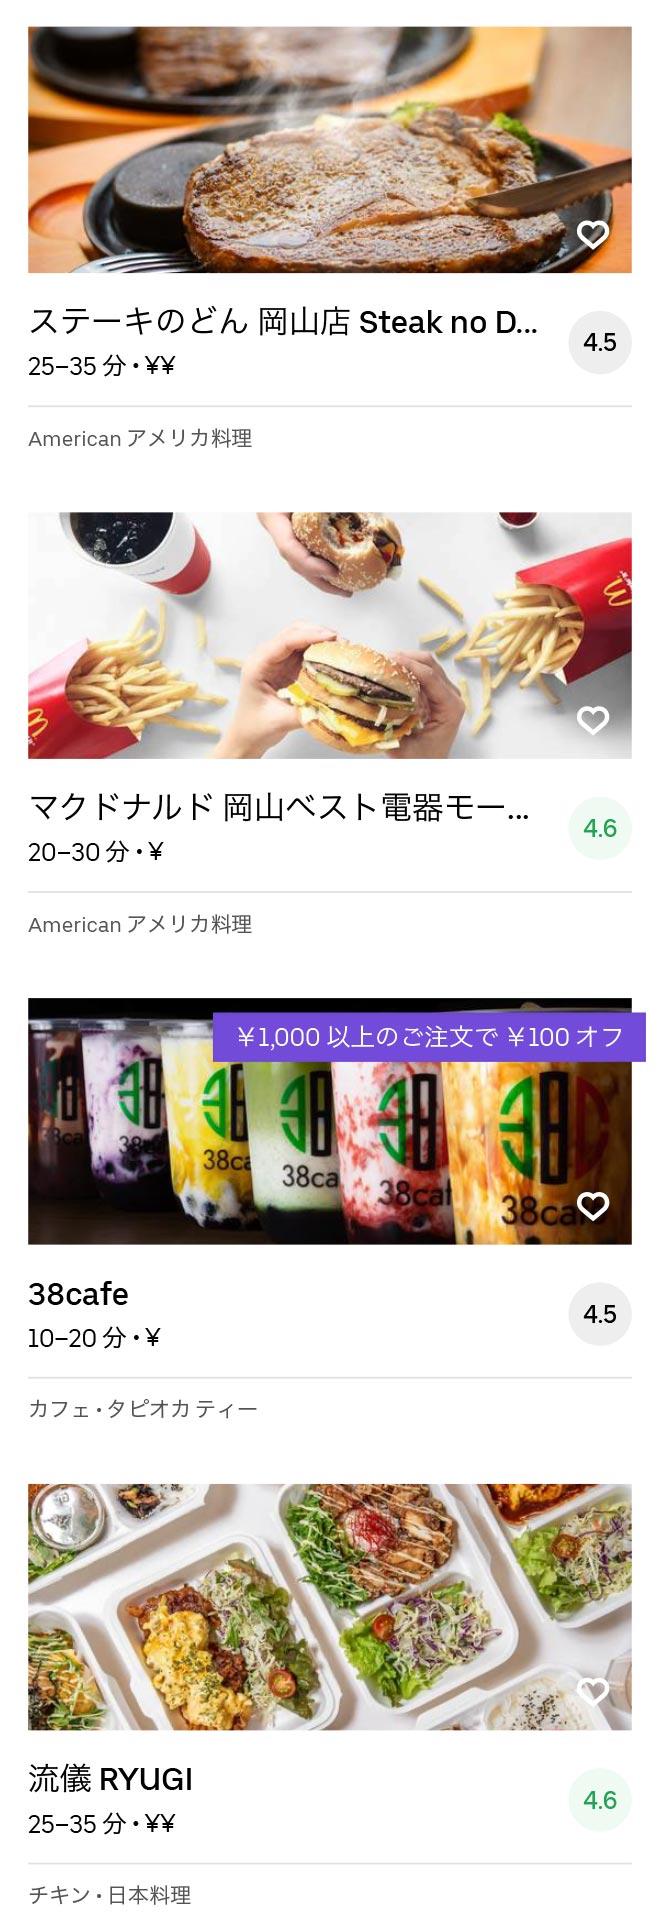 Bizen nishiichi menu 2007 08